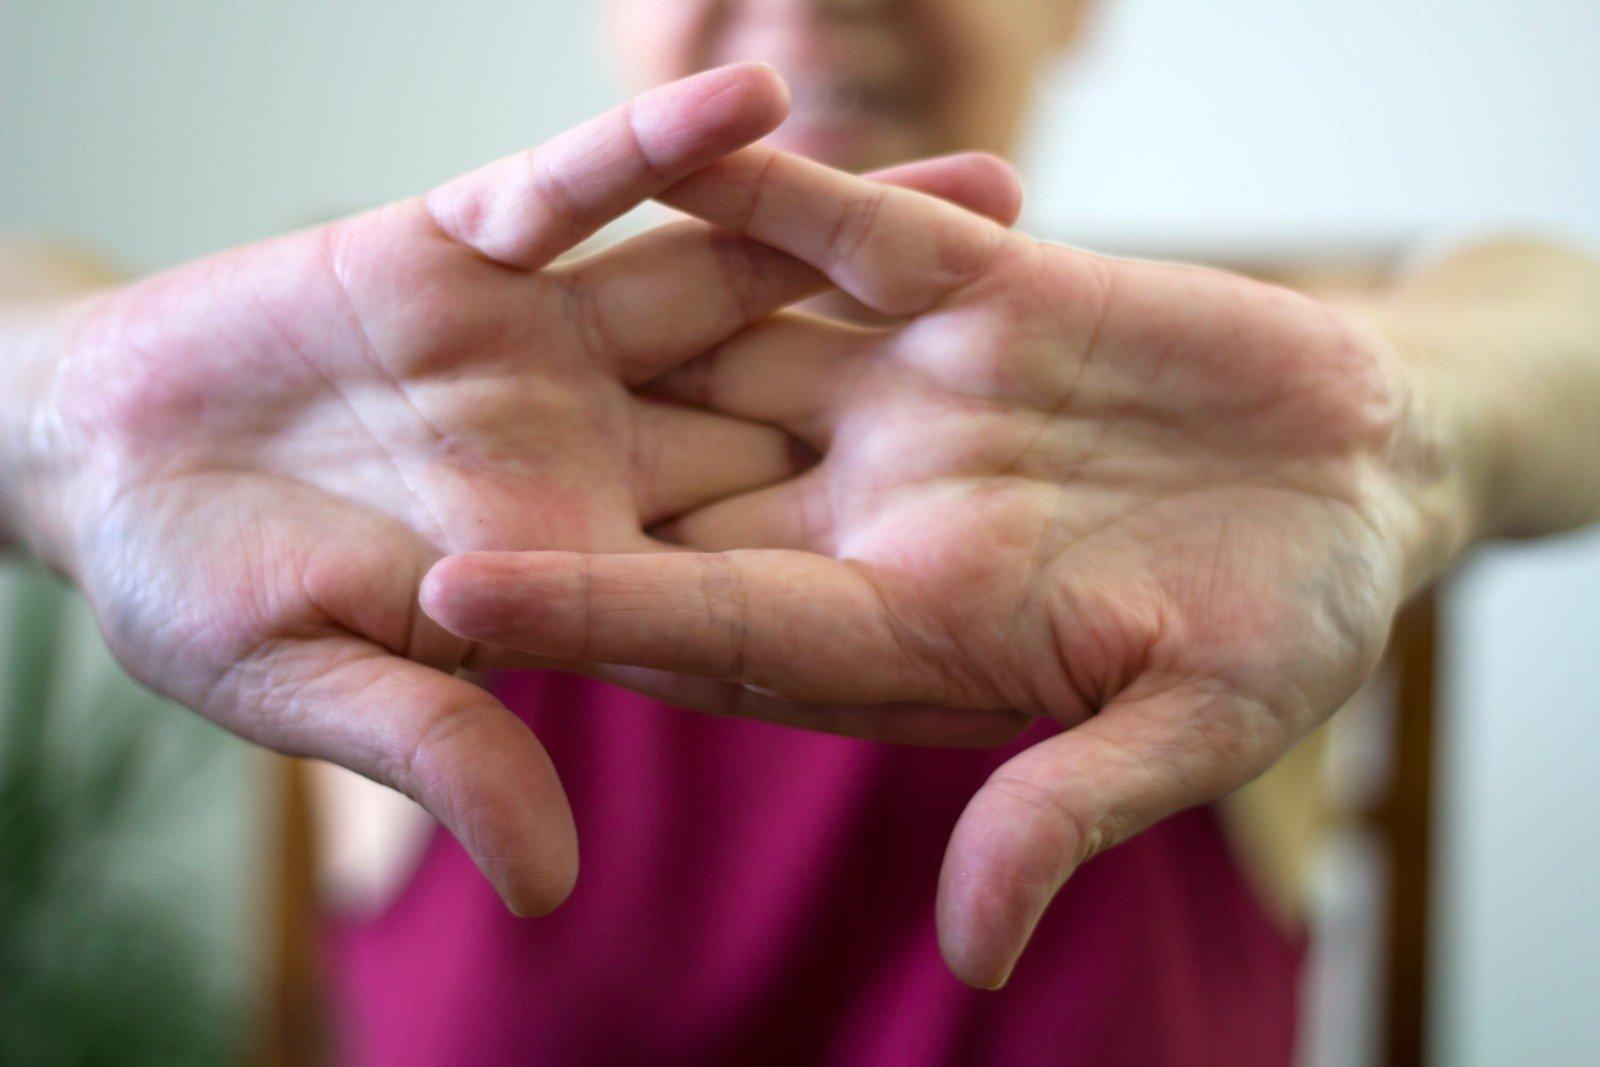 skausmas visame kūne moterims sąnarių sąnarių būklė artrozės metu